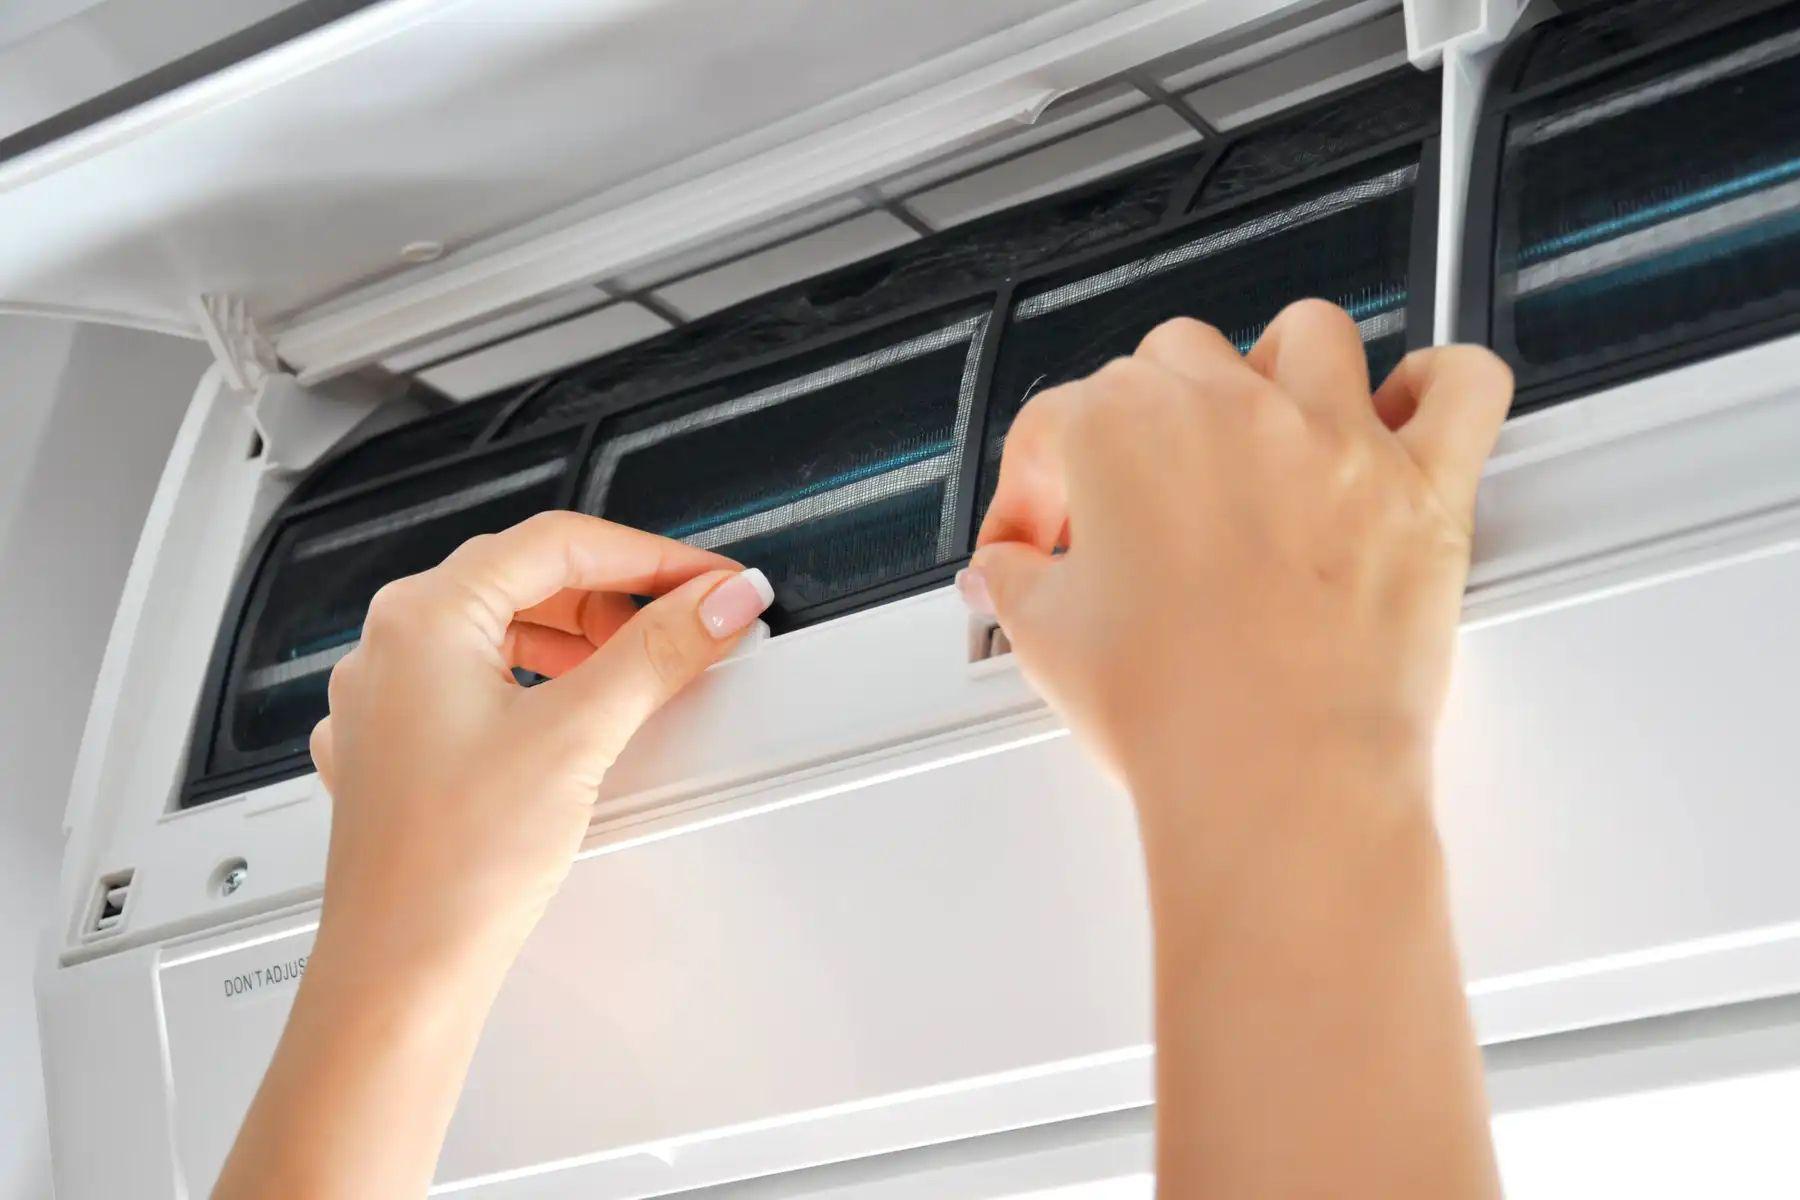 Cách vệ sinh cục nóng máy lạnh nhanh chóng và đơn giản